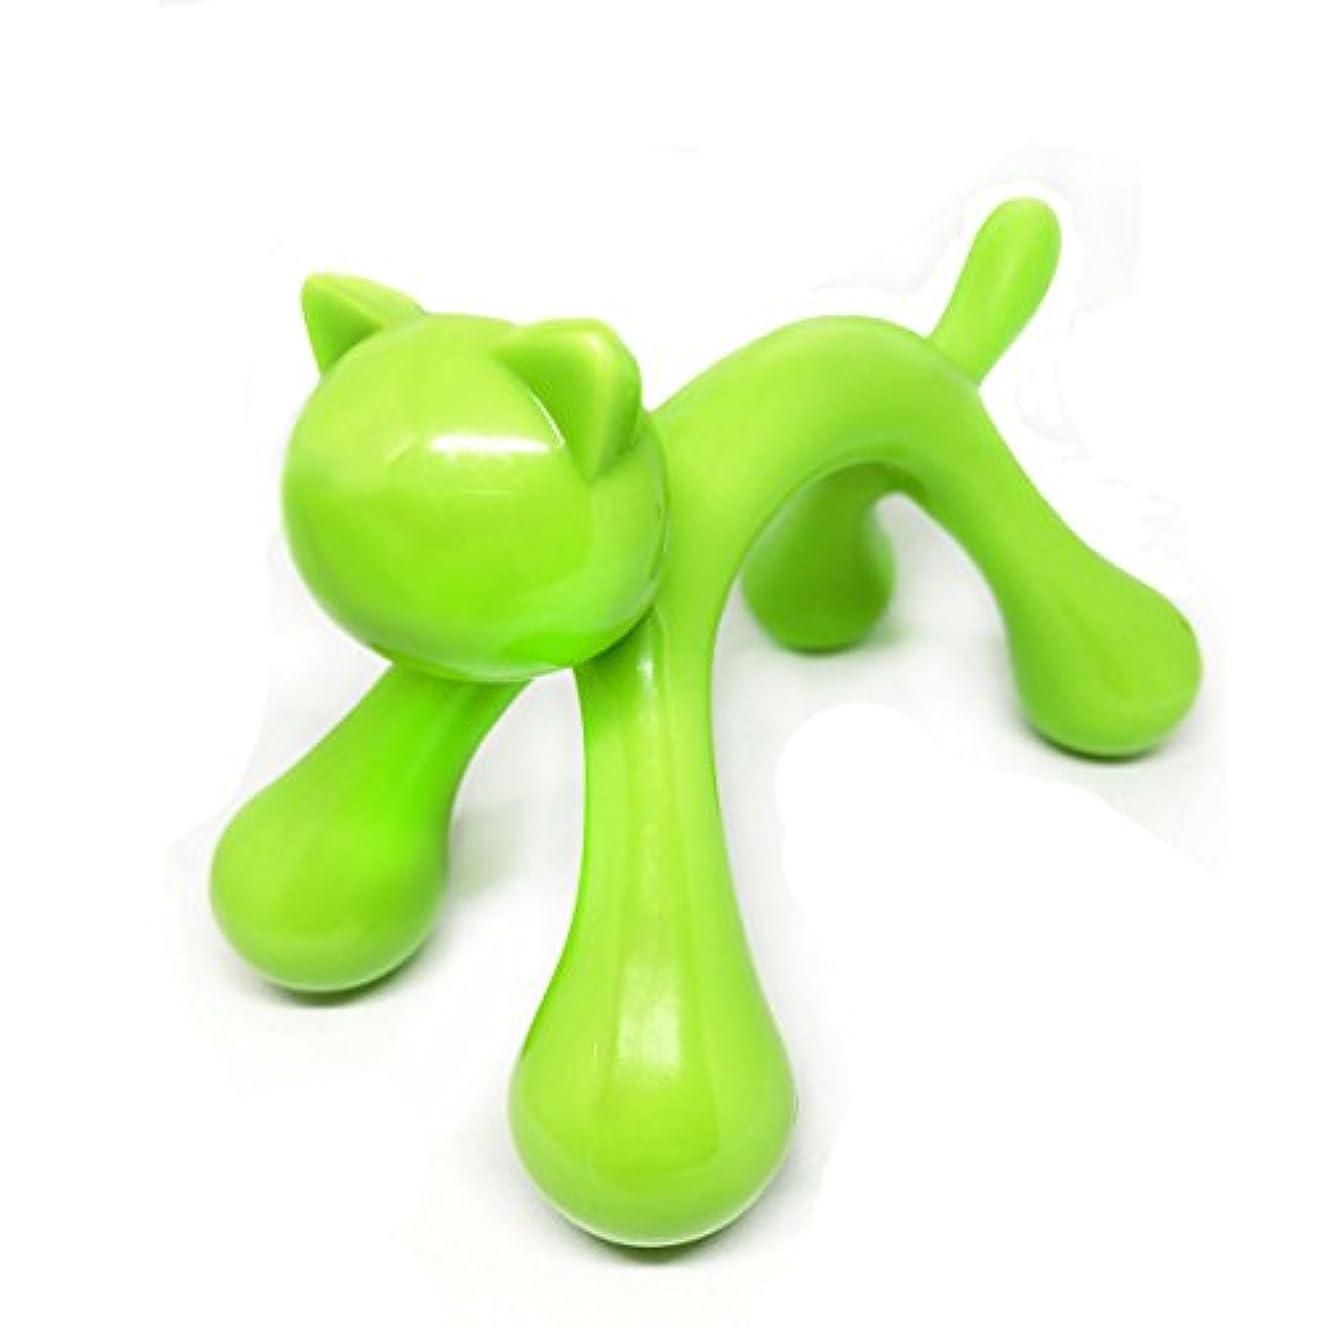 存在移民ウィザードマッサージ棒 ツボ押しマッサージ台 握りタイプ 背中 ウッド 疲労回復 ハンド 背中 首 肩こり解消 可愛いネコ型 (グリーン)